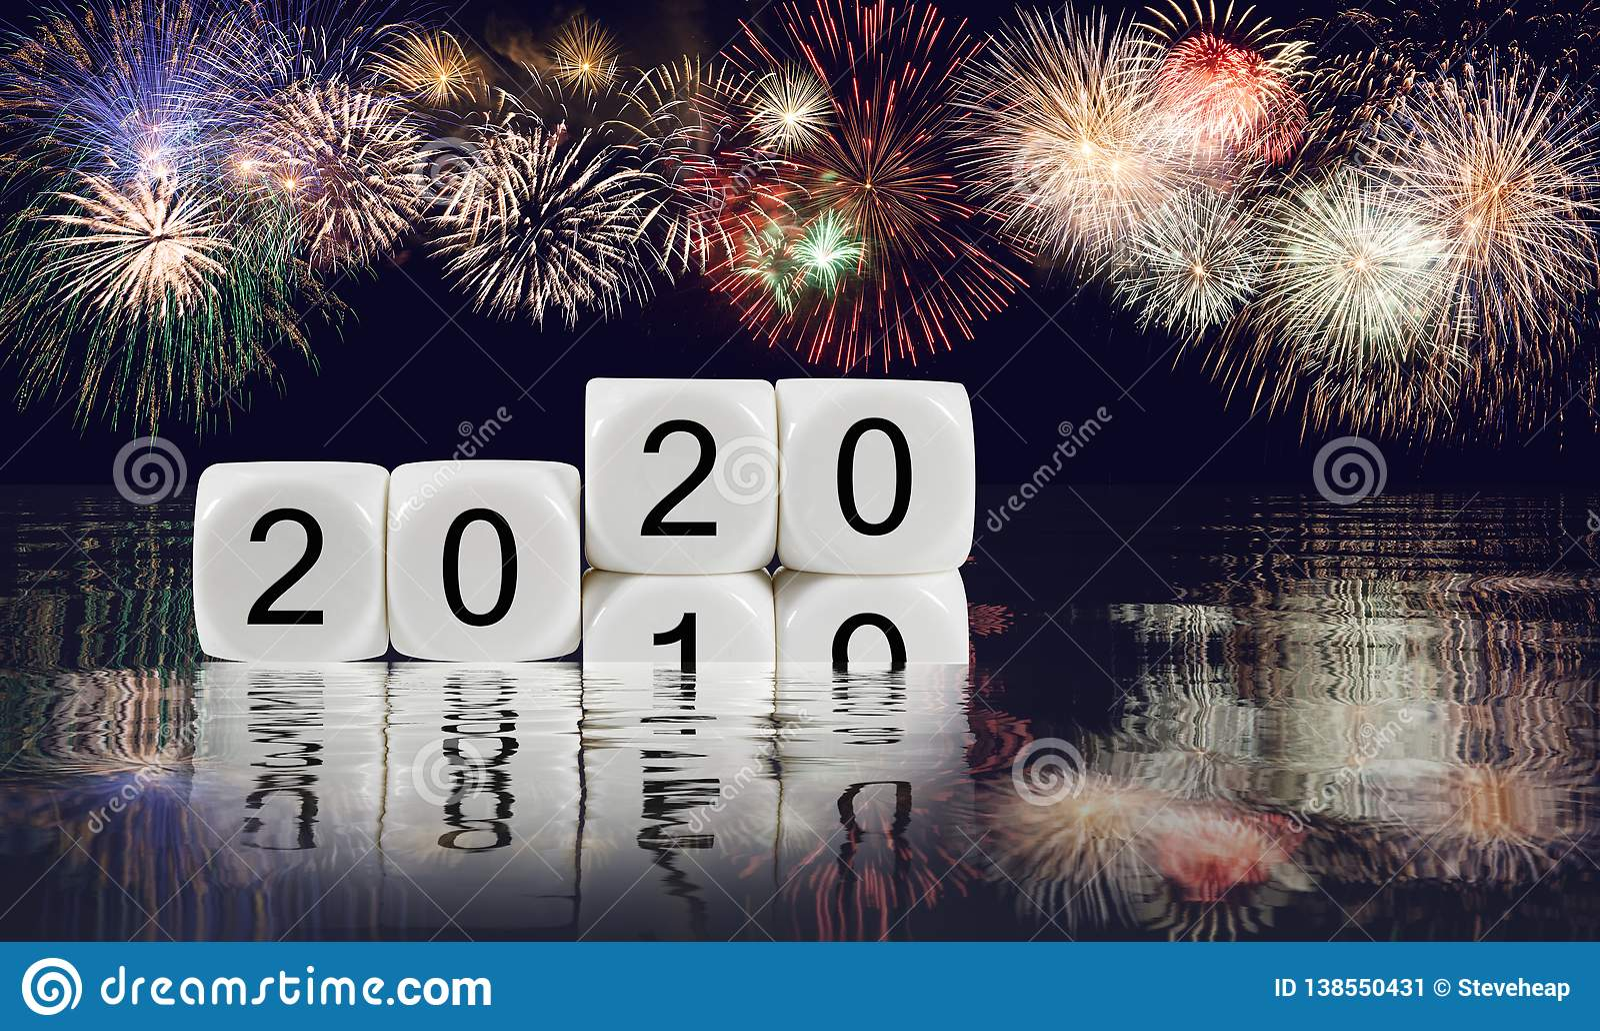 Zusammensetzung von Feuerwerken für Hintergrund 2020 des neuen Jahres